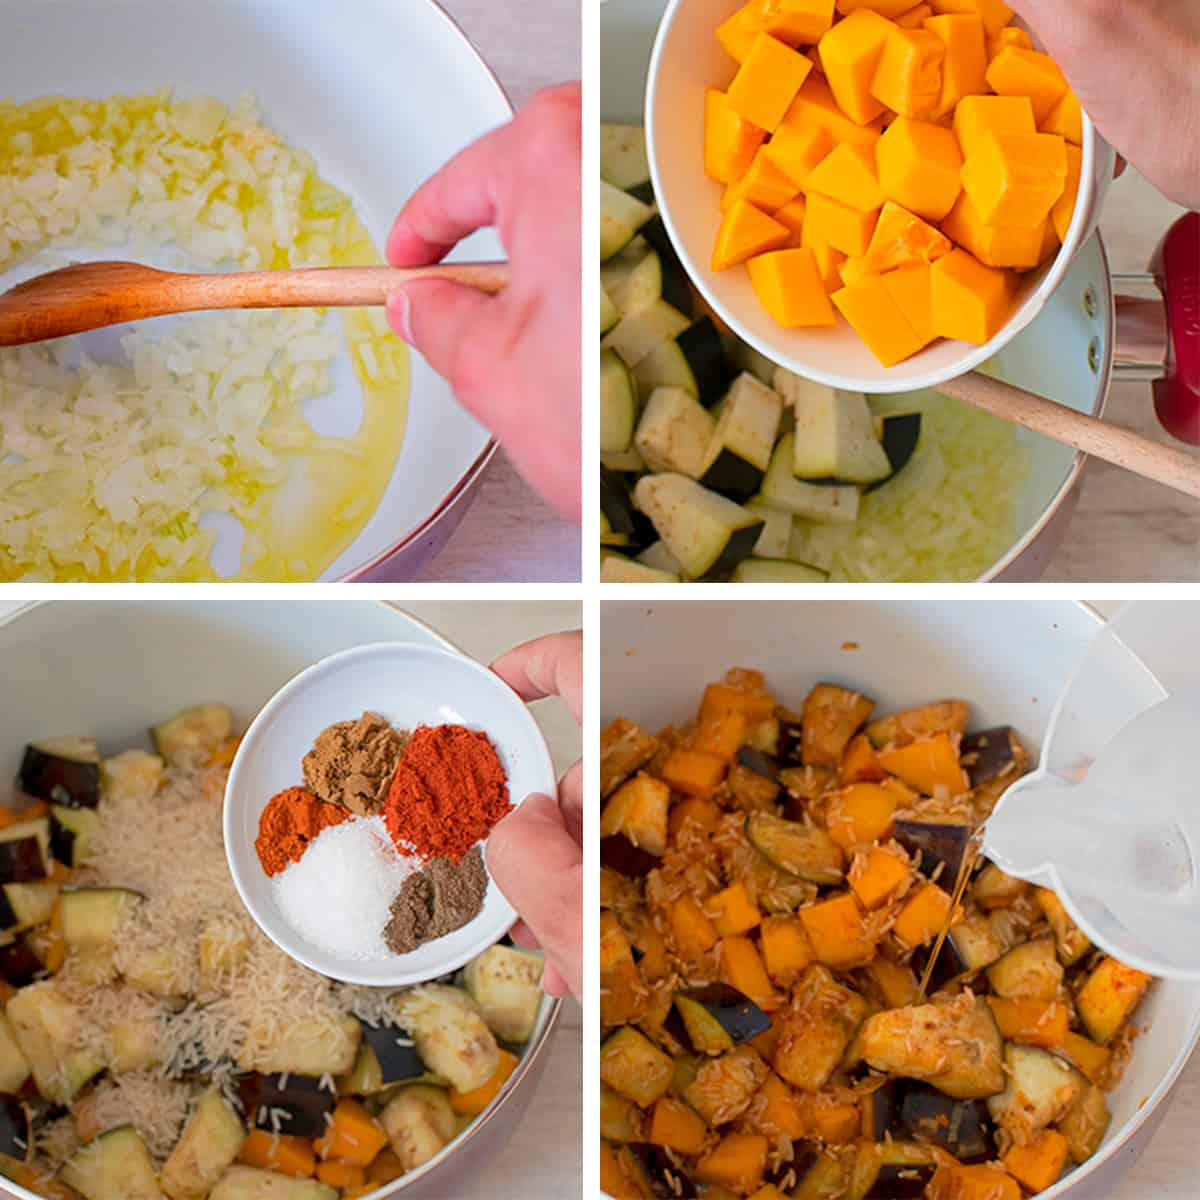 receta paso a paso para preparar un arroz con calabaza y berenjena